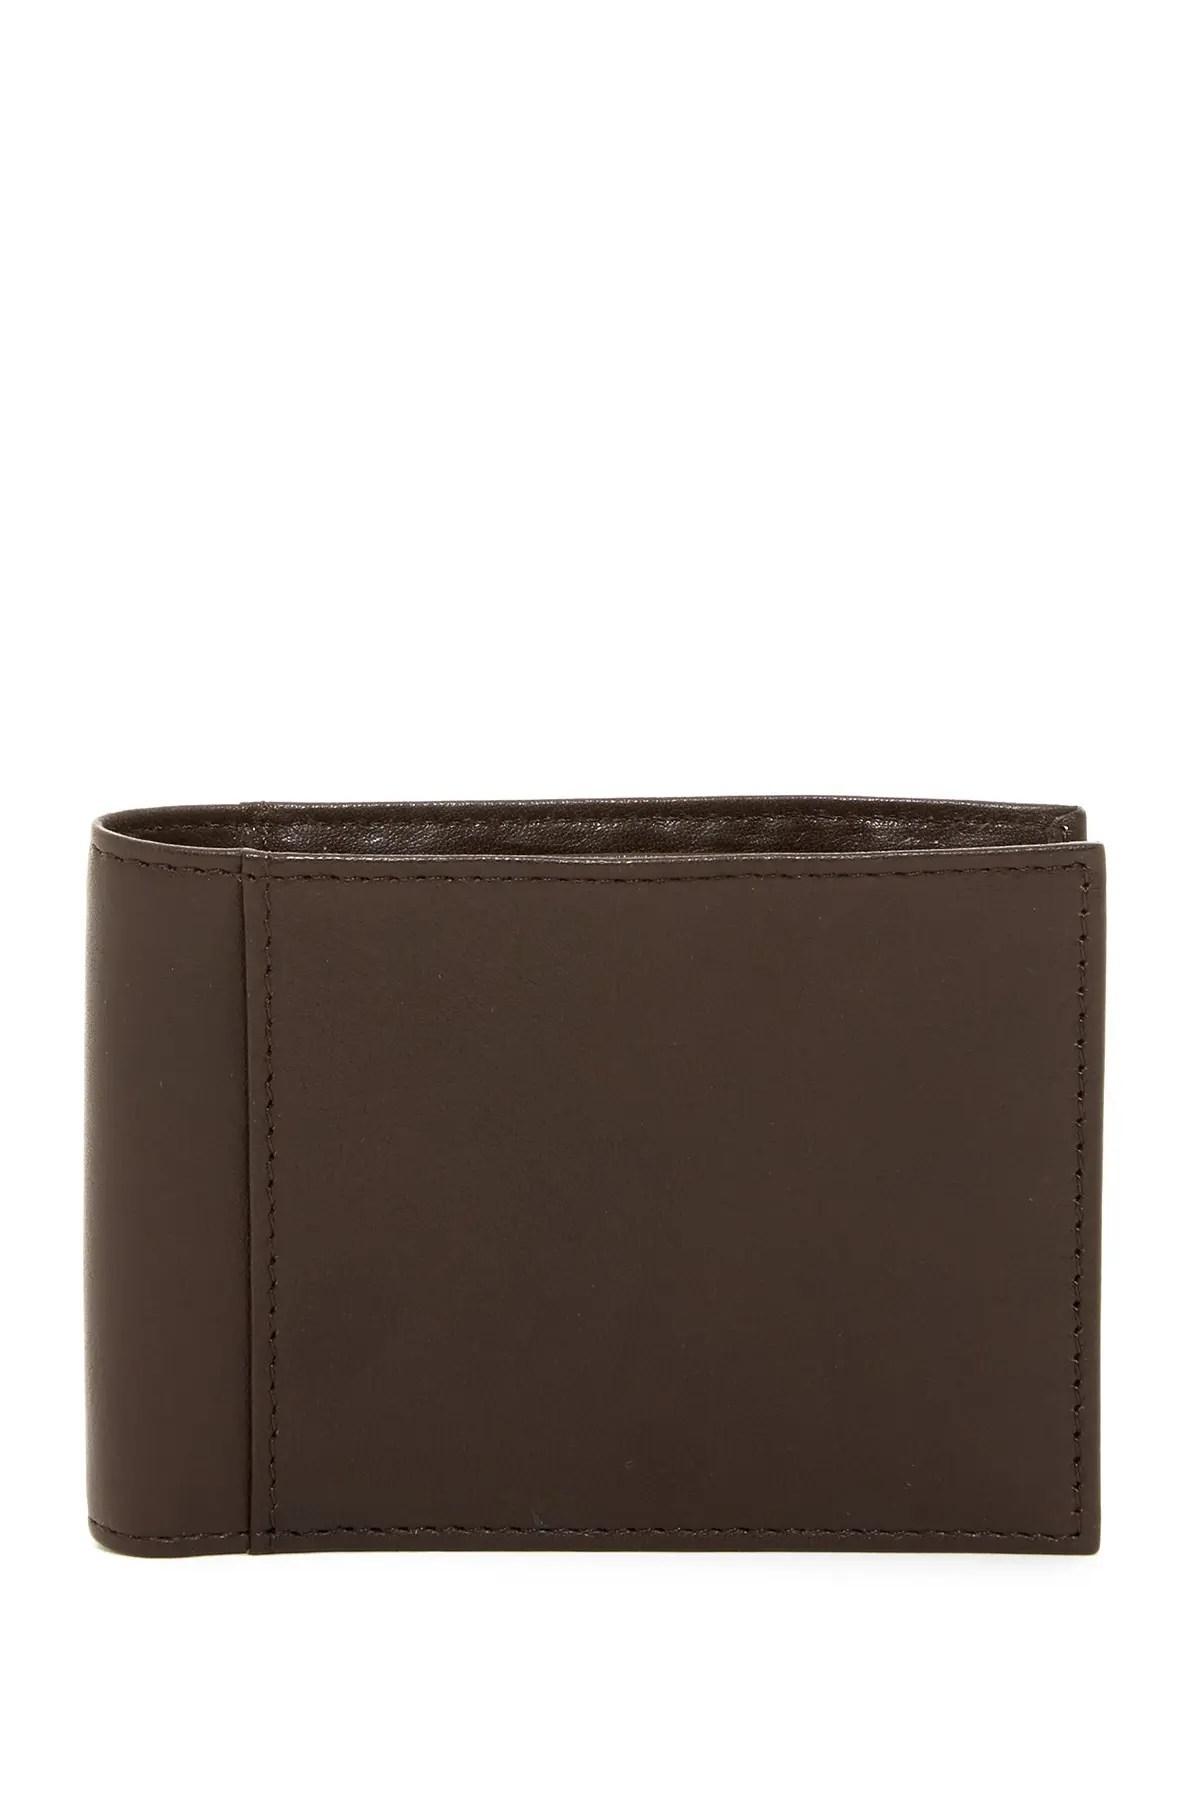 wallets card cases nordstrom rack